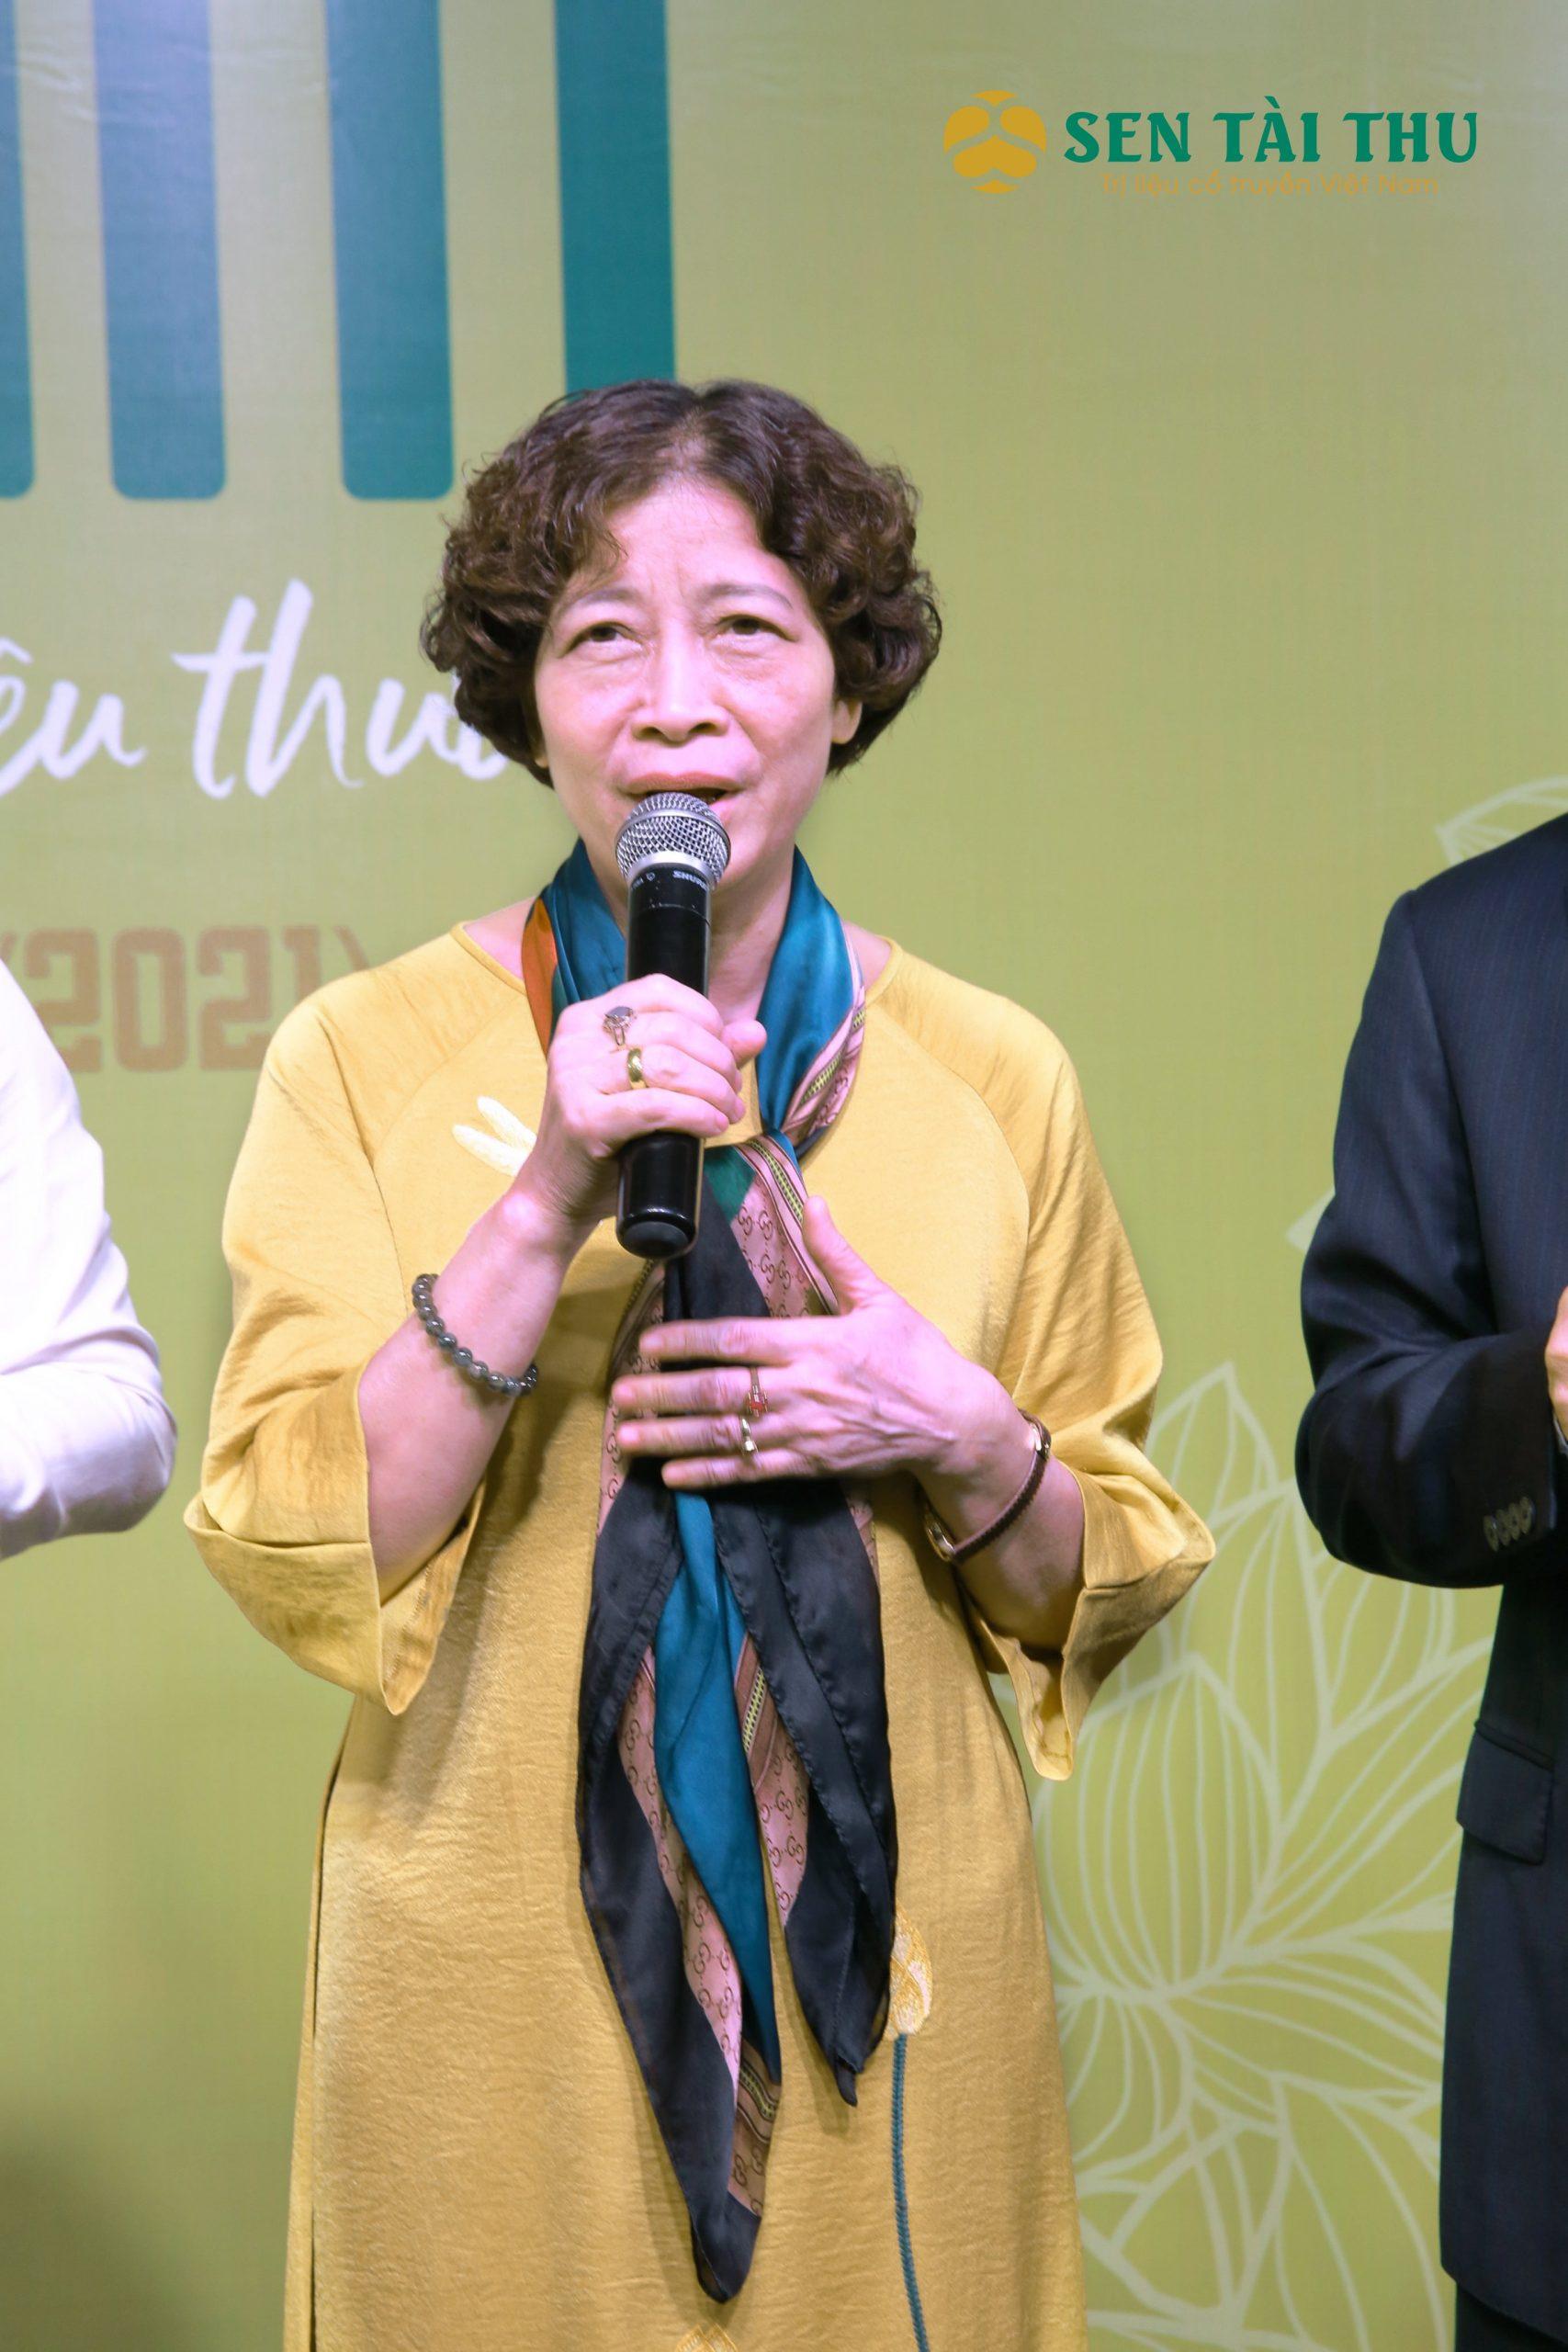 Tập Đoàn Sen Tài Thu Việt Nam - Hành trình 29 năm - 3